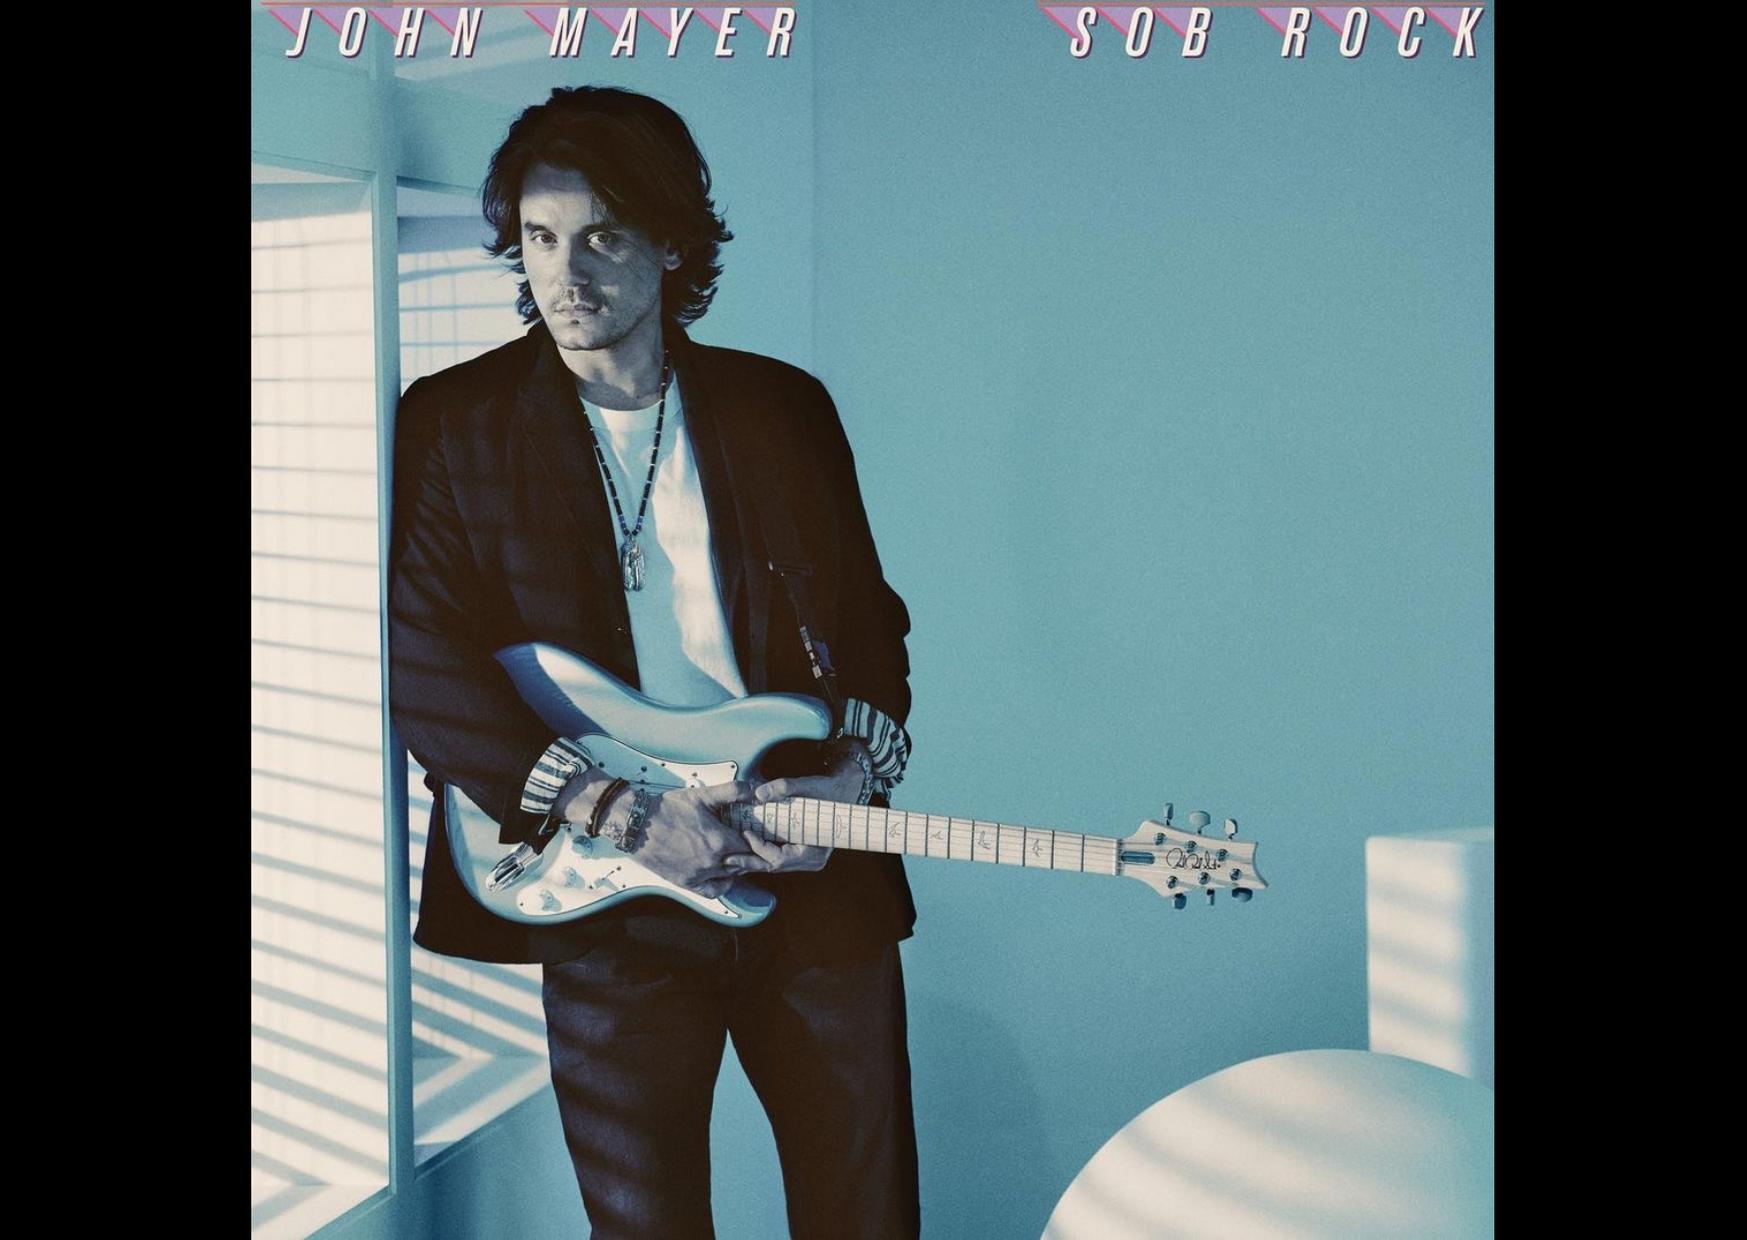 John Mayer Akan Keluarkan Album Sob Rock